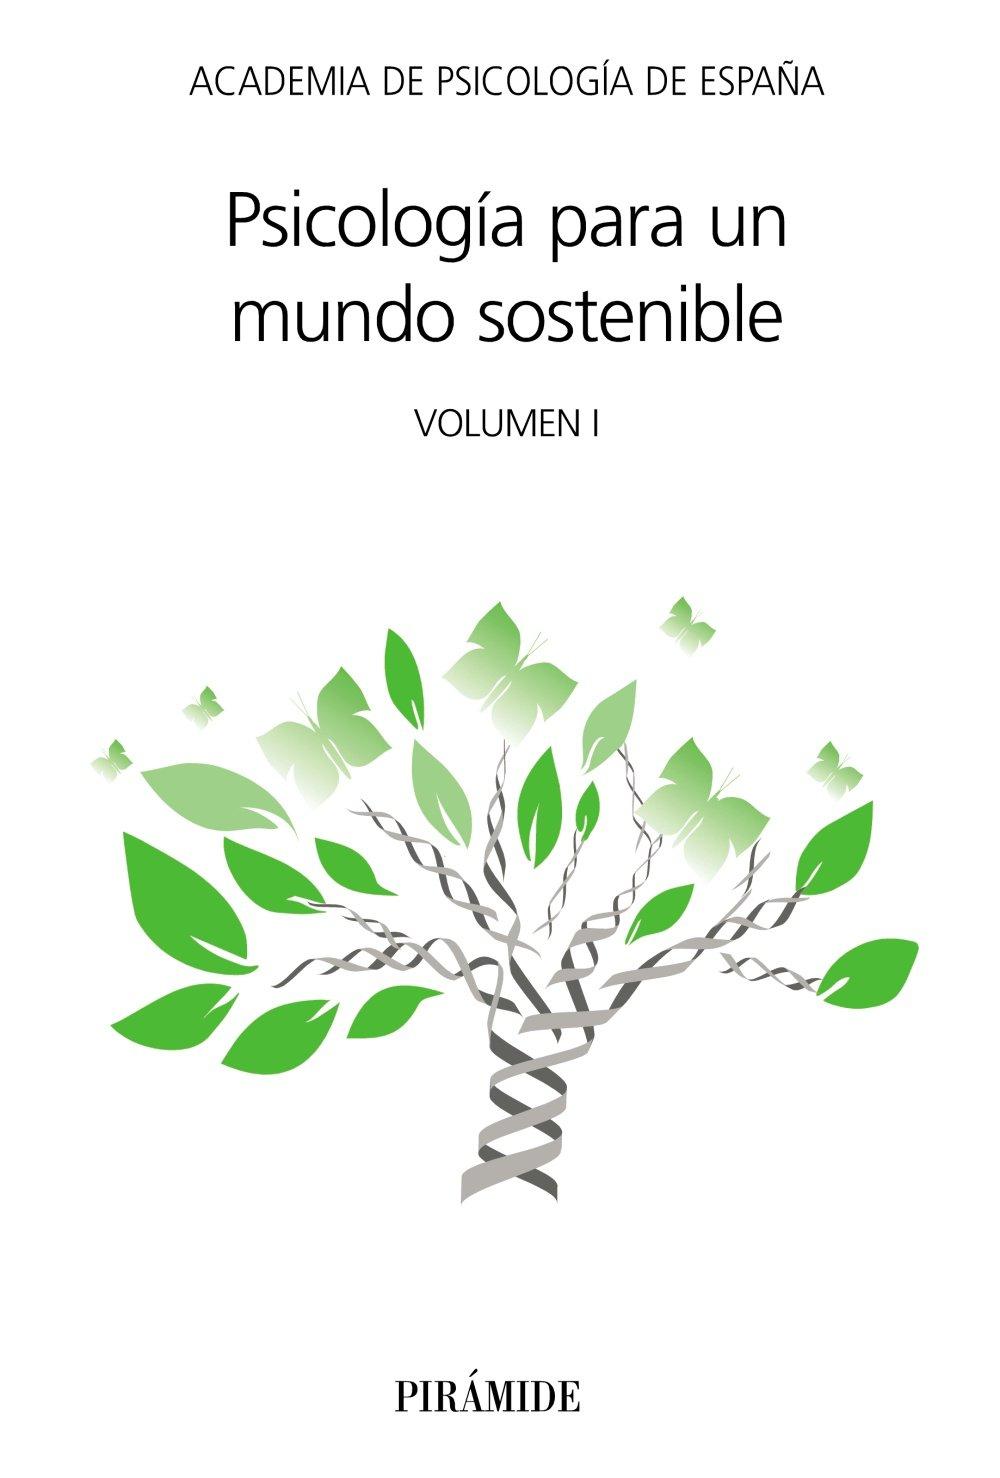 Psicología para un mundo sostenible: Volumen I AC-Psicología: Amazon.es: Academia de Psicología de España: Libros